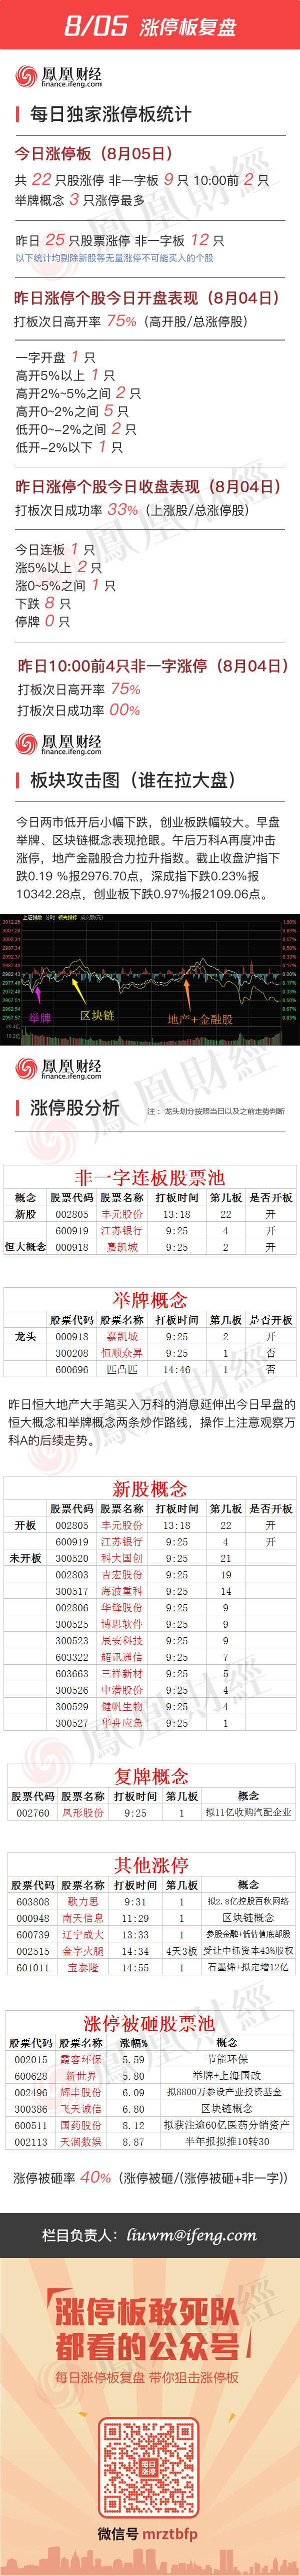 2016年8月5日涨停板复盘 - 小美 - xing1969wuw的博客